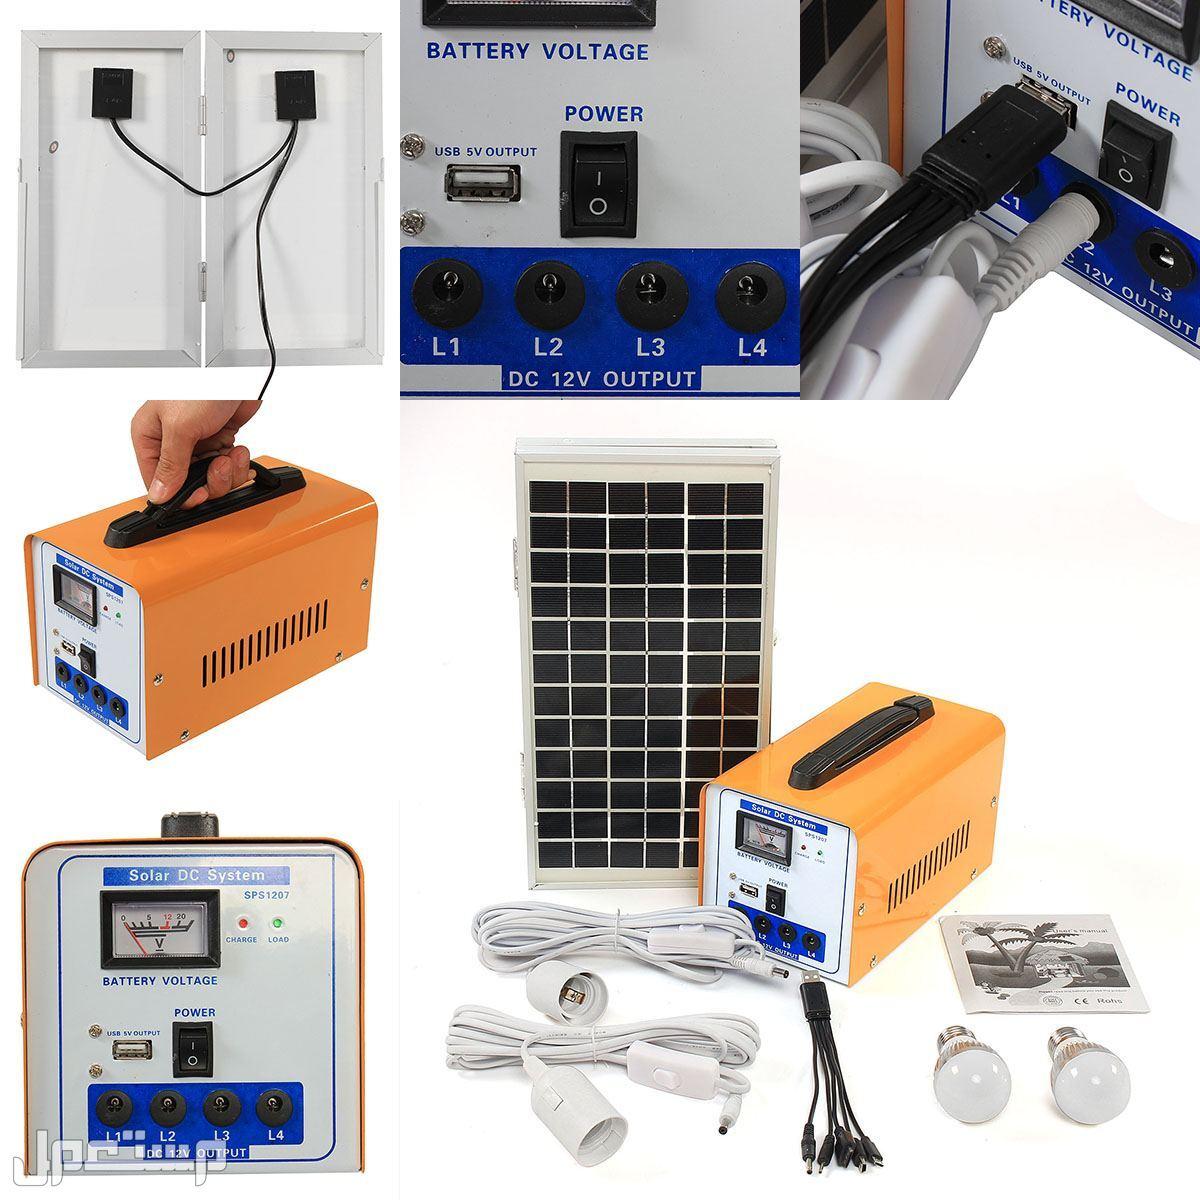 نظام إضاءة بالطاقة الشمسية مع اللوح الشمسي